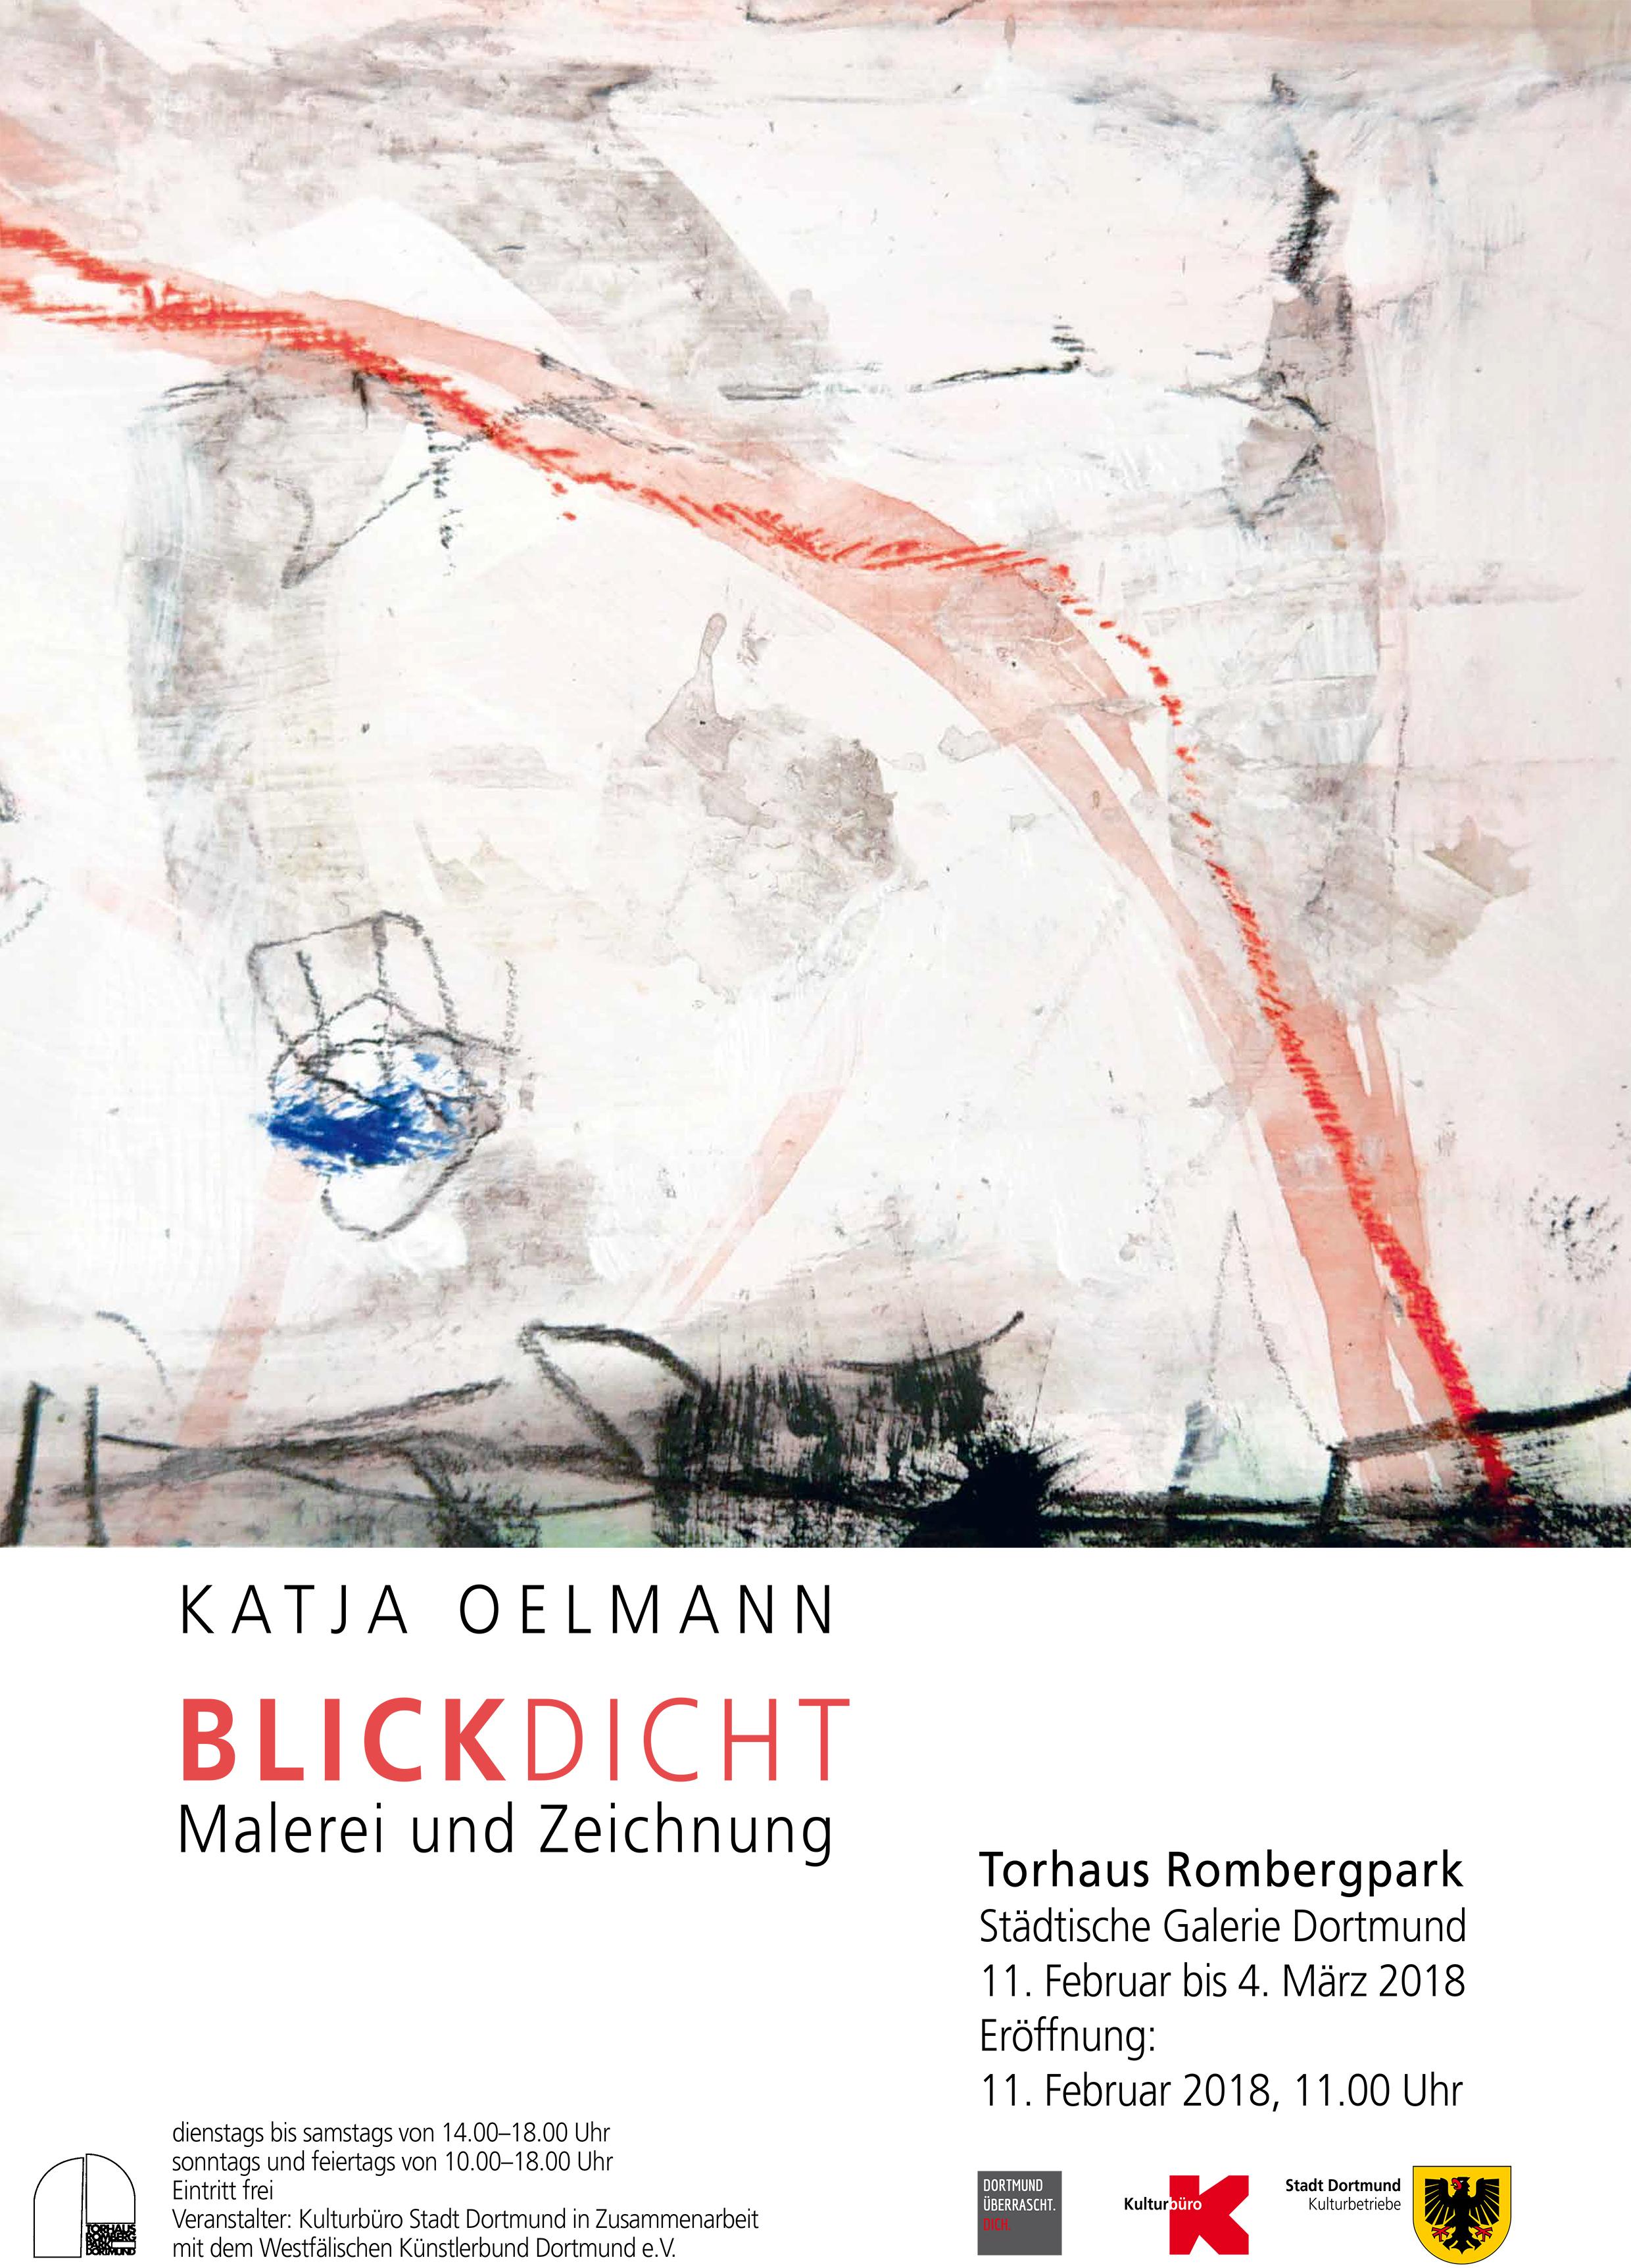 Ausstellung Torhaus Rombergpark | Katja Oelmann 2018